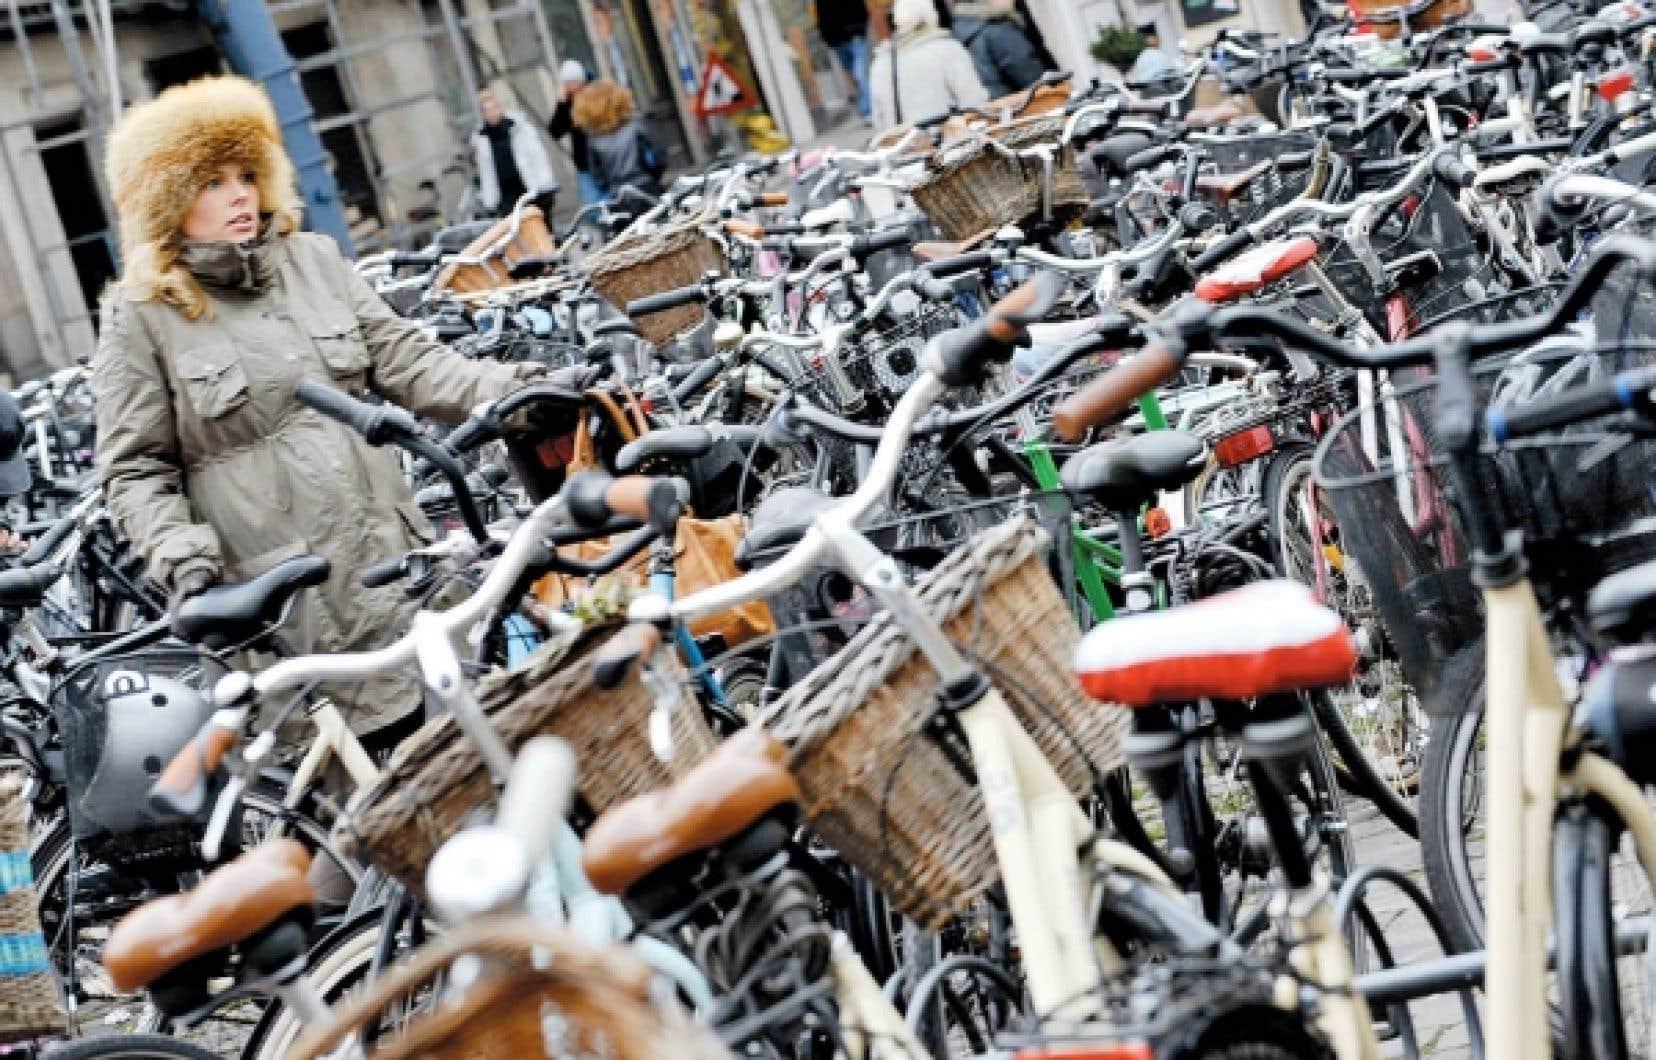 Une femme enceinte cherche un endroit où garer son vélo, au centre-ville de Copenhague.